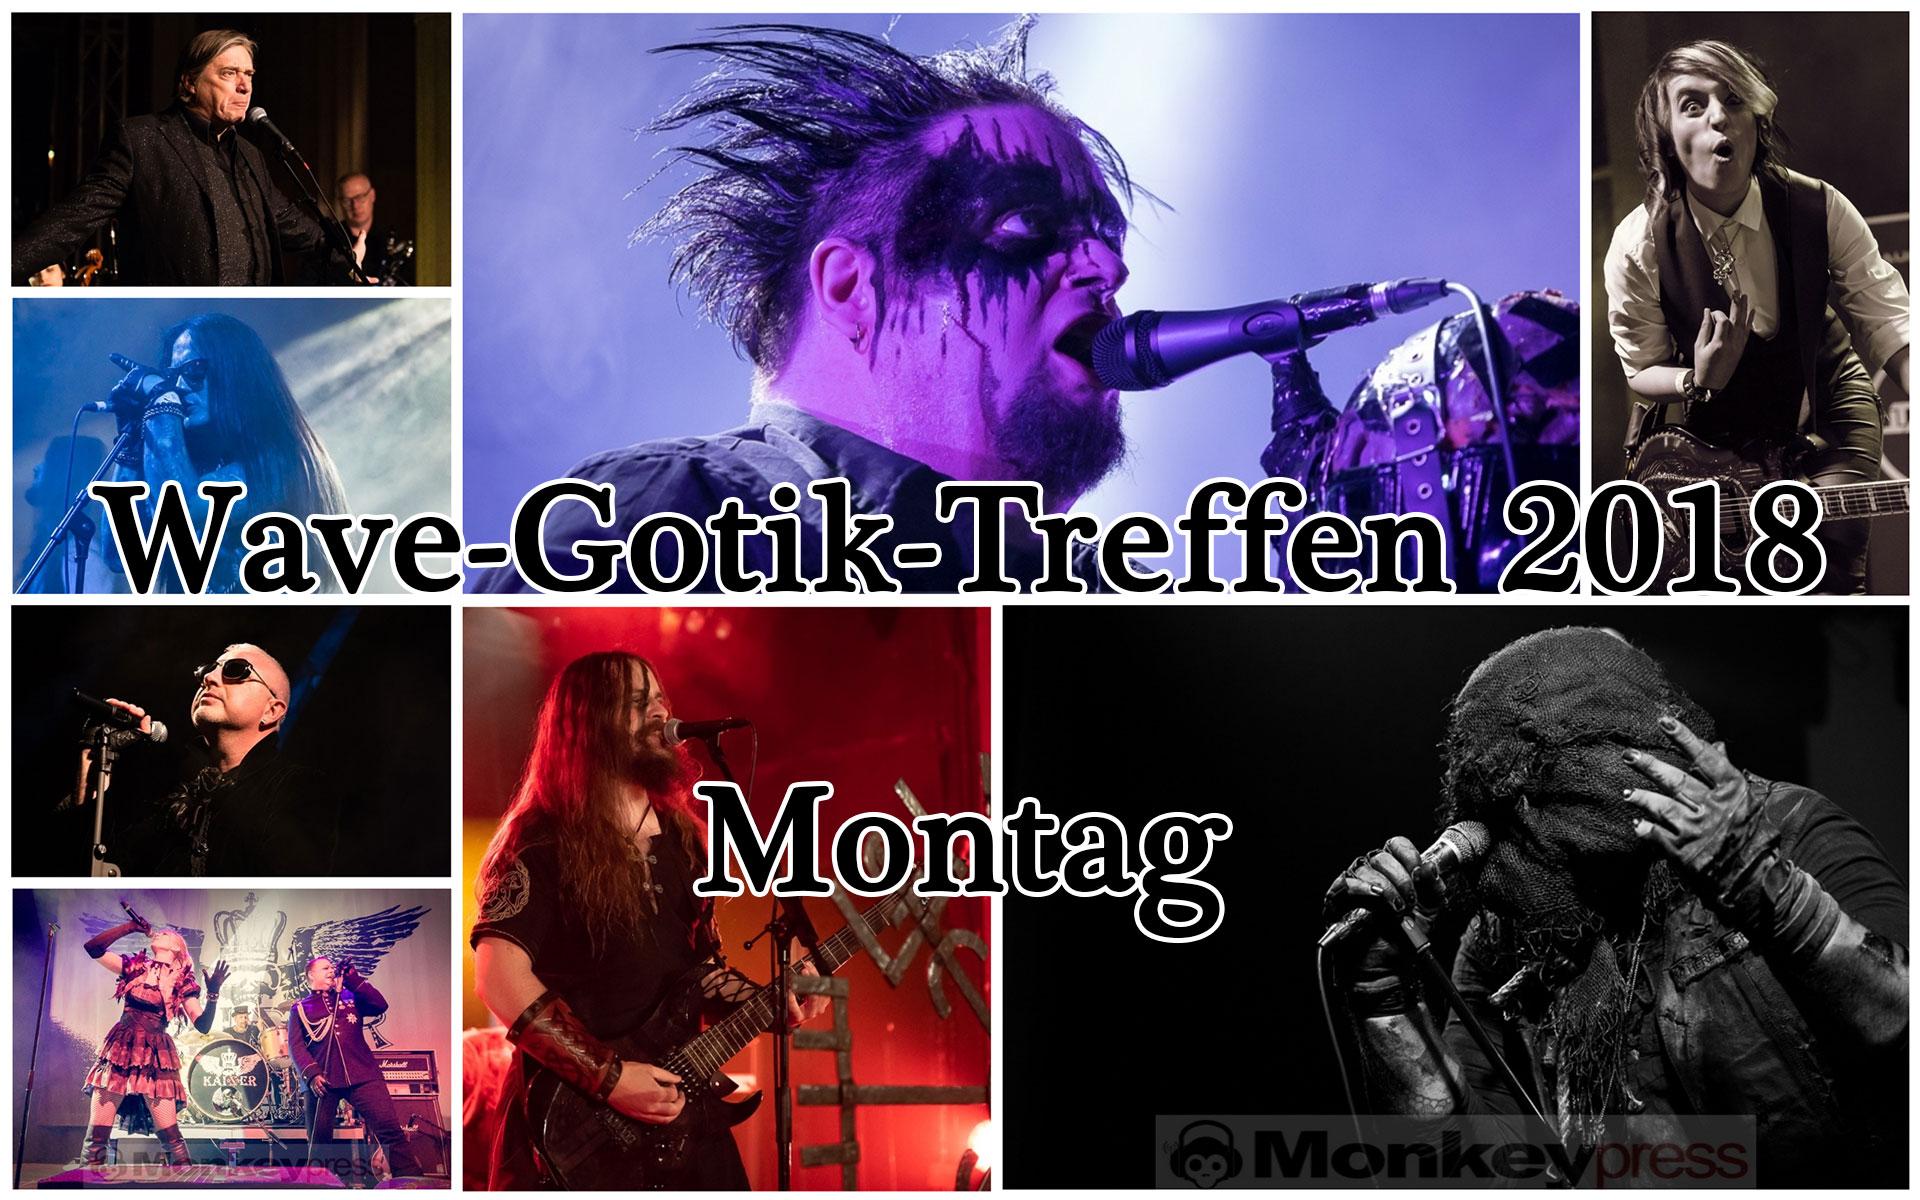 WAVE-GOTIK-TREFFEN (WGT) 2018 – Montag 21.05.2018